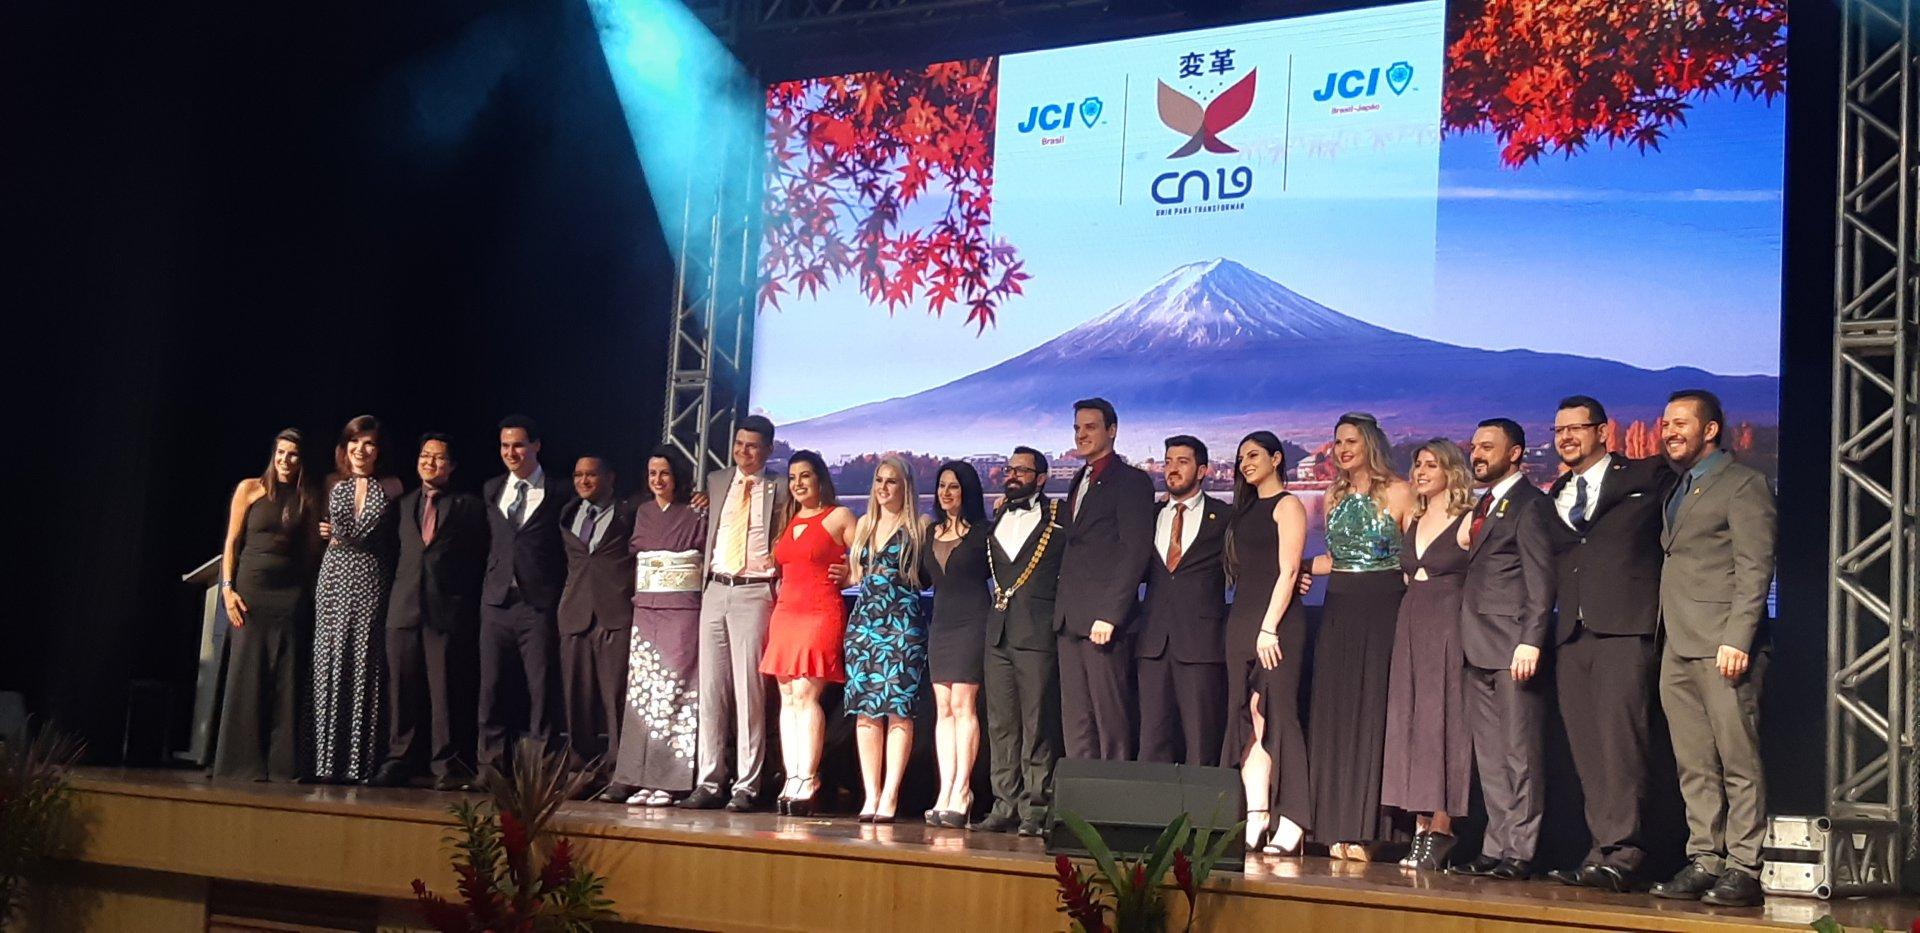 Rio-sulense é eleito presidente nacional da JCI